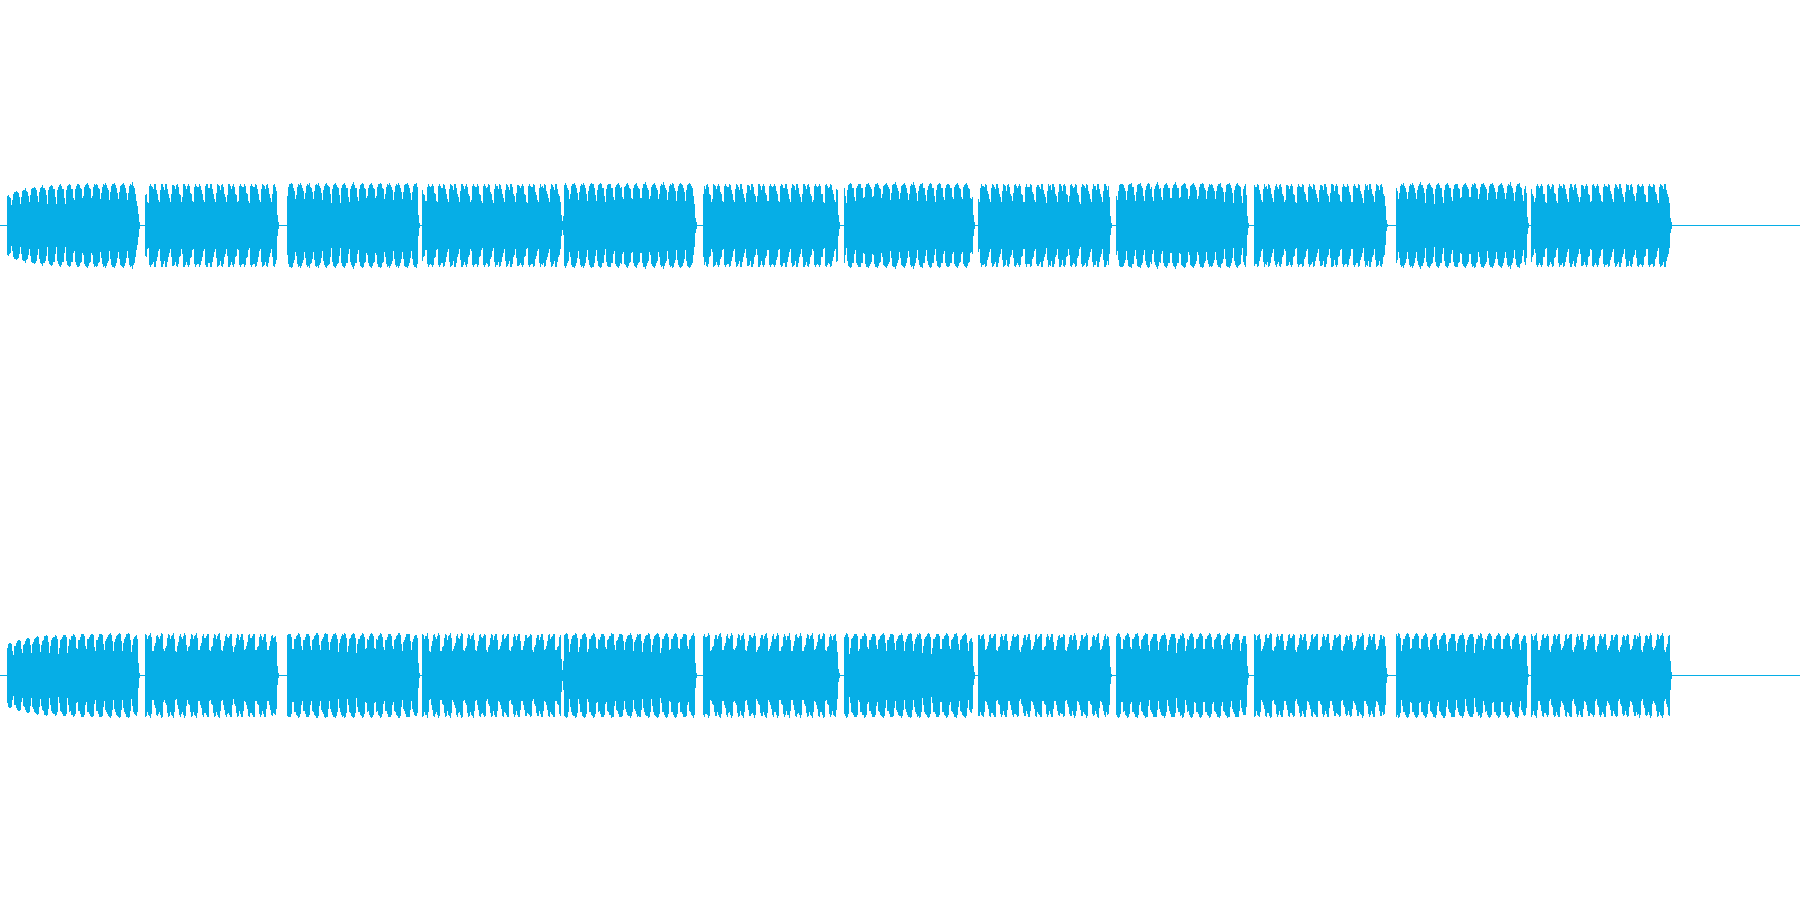 救急車が近づいてくるときのサイレンの音の再生済みの波形